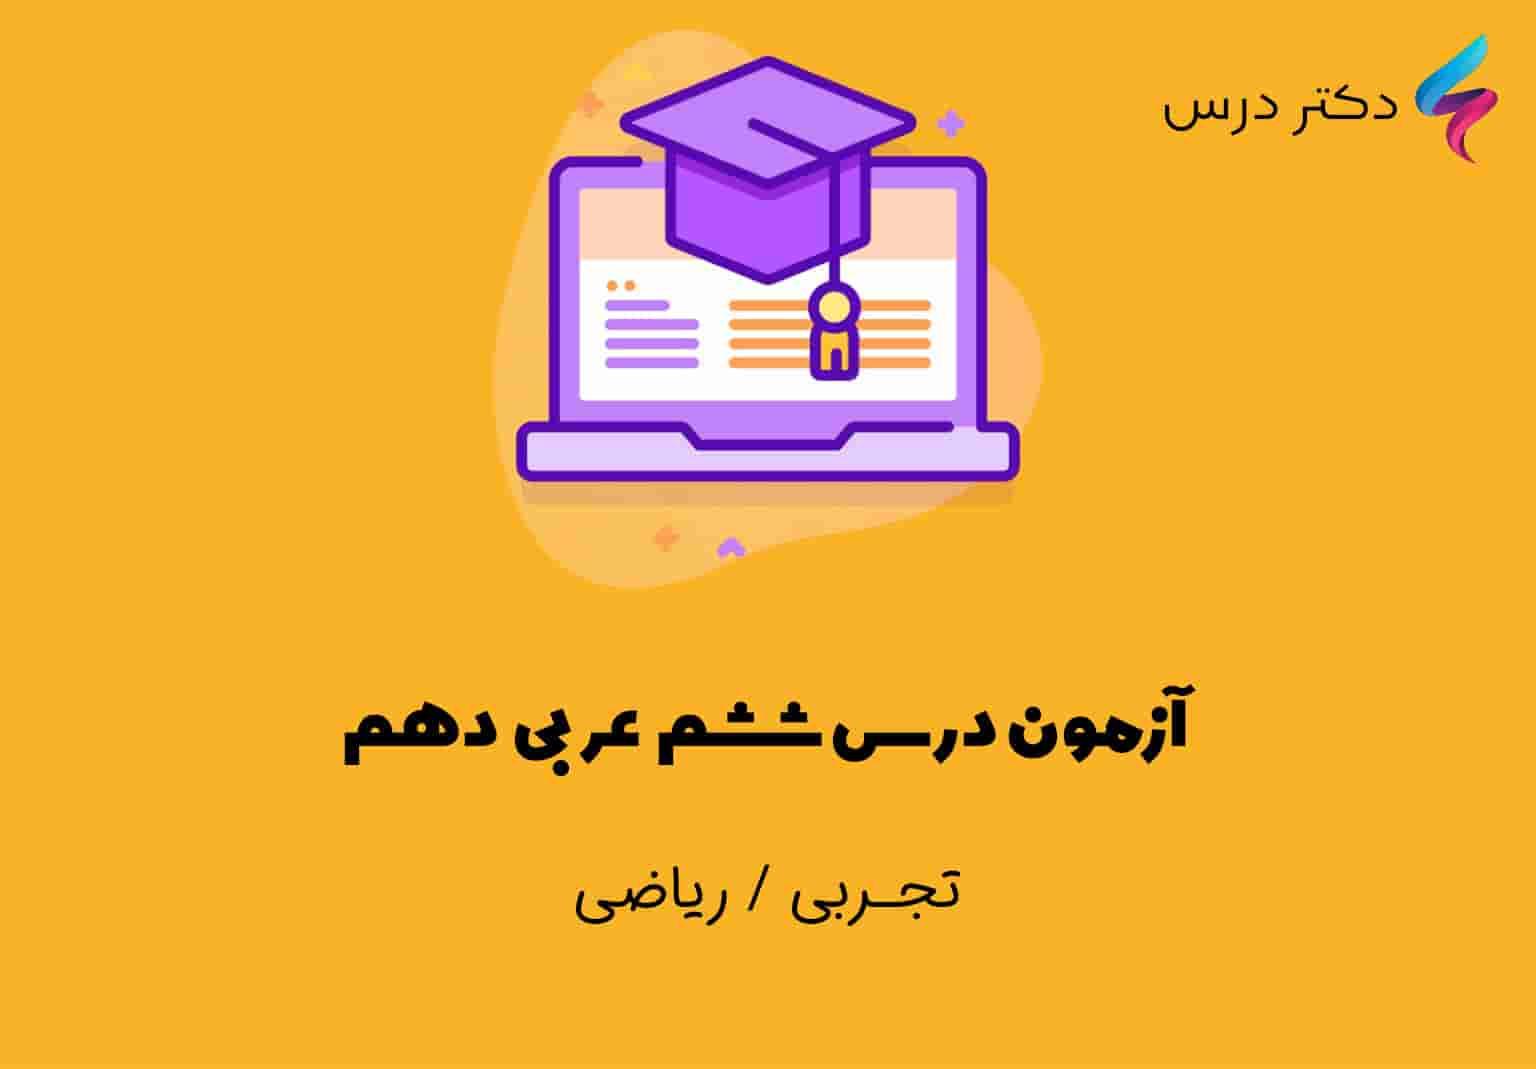 آزمون درس ششم عربی دهم تجربی و ریاضی شامل تست کنکوری | فعل مجهول